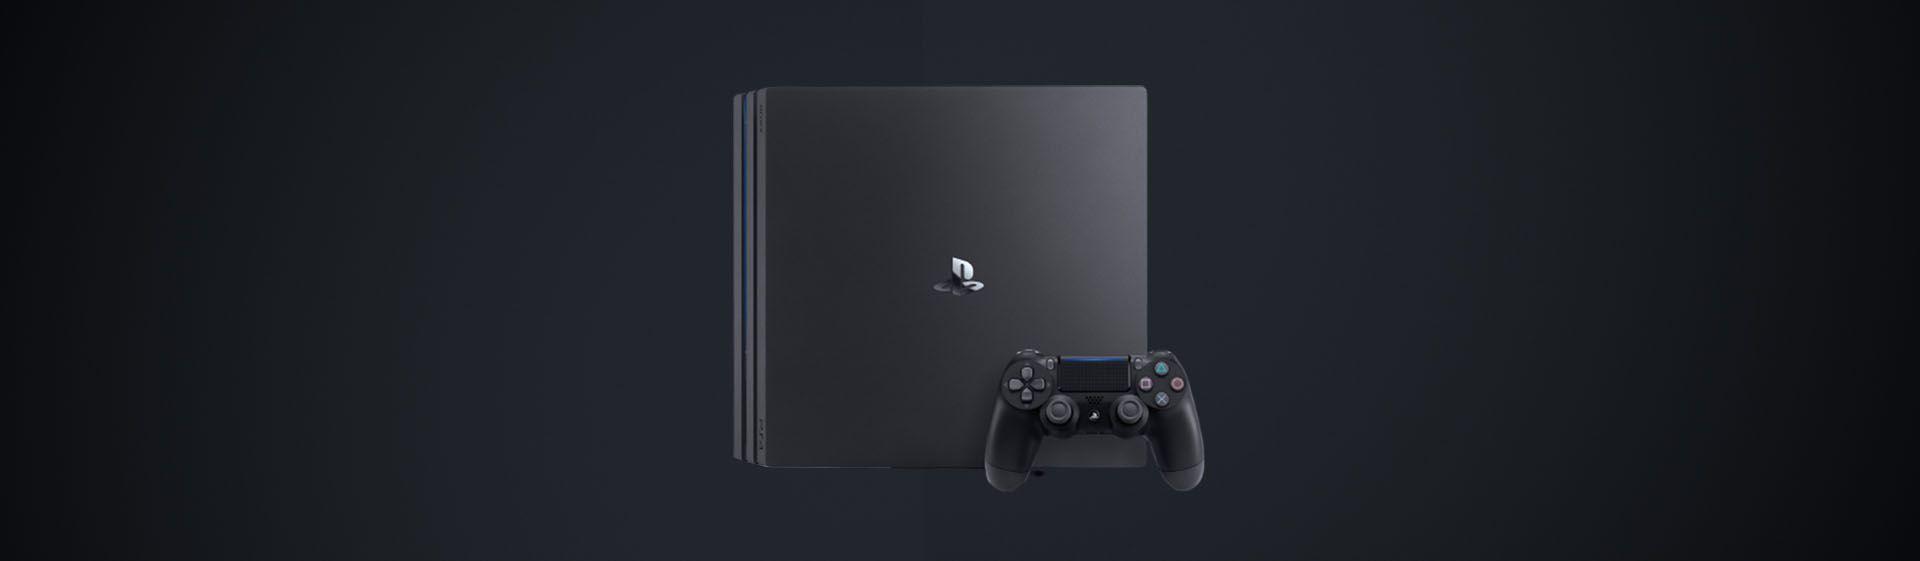 PS4 vale a pena em 2021? Analisamos versões, jogos e preços do console